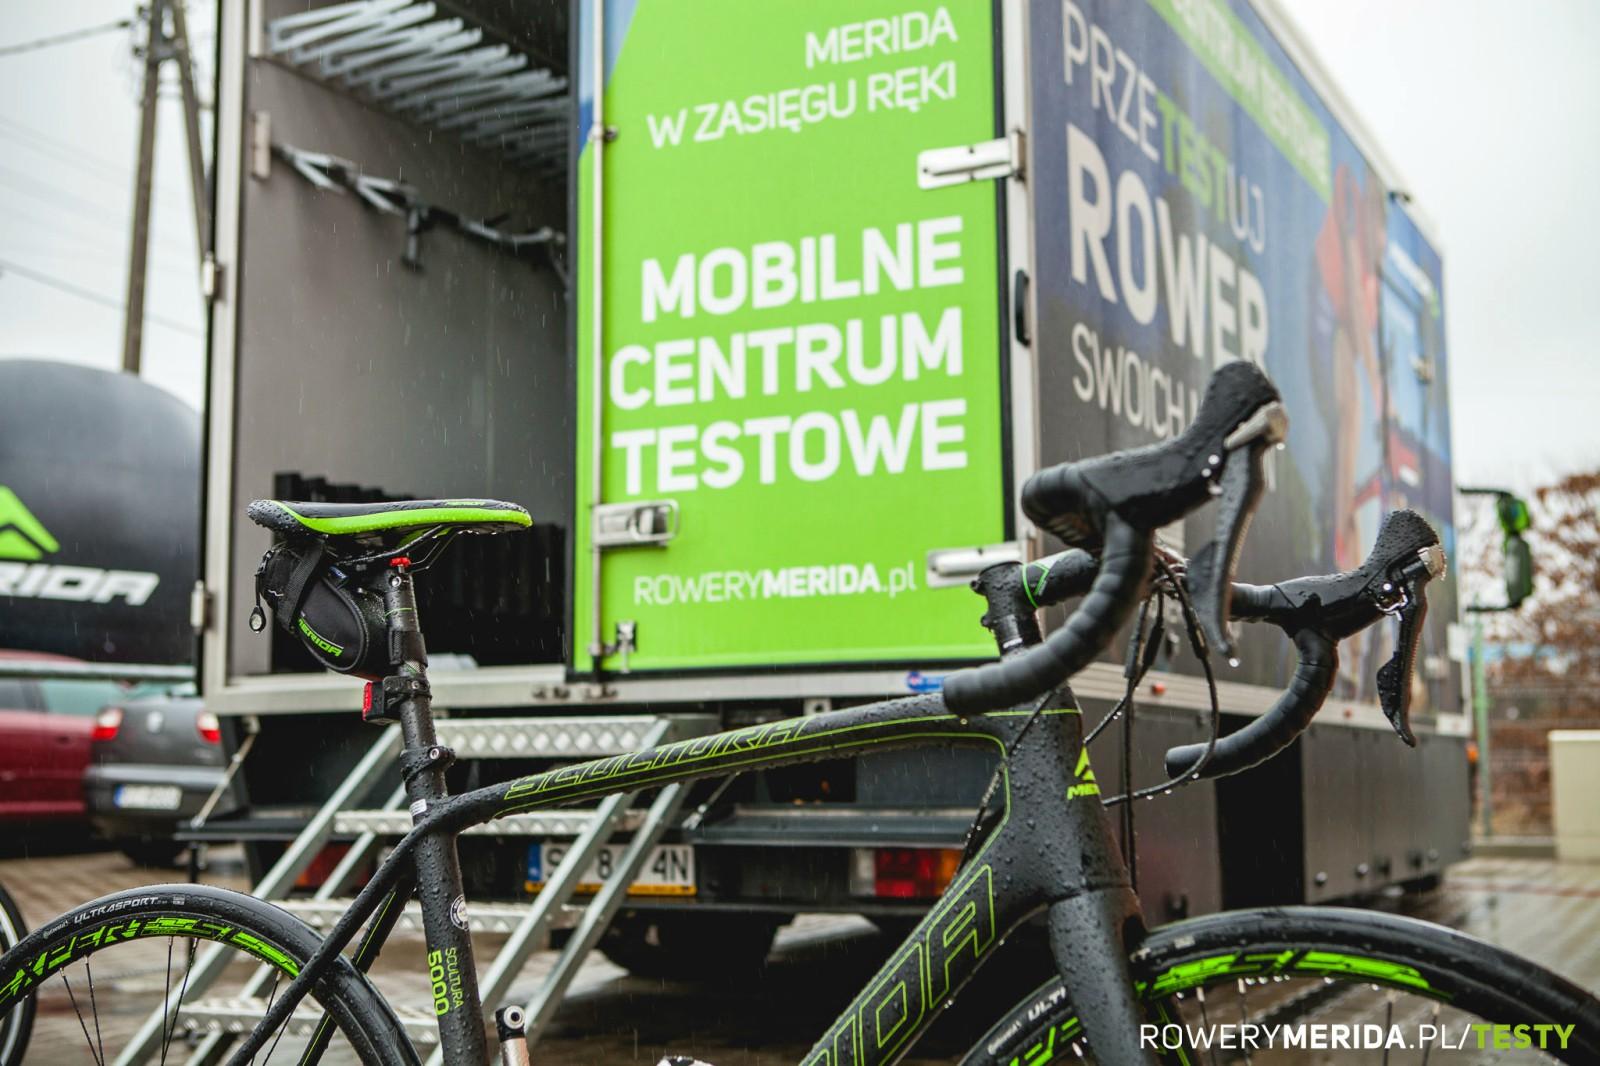 testy_poznan_bikeatelier_18032017_35